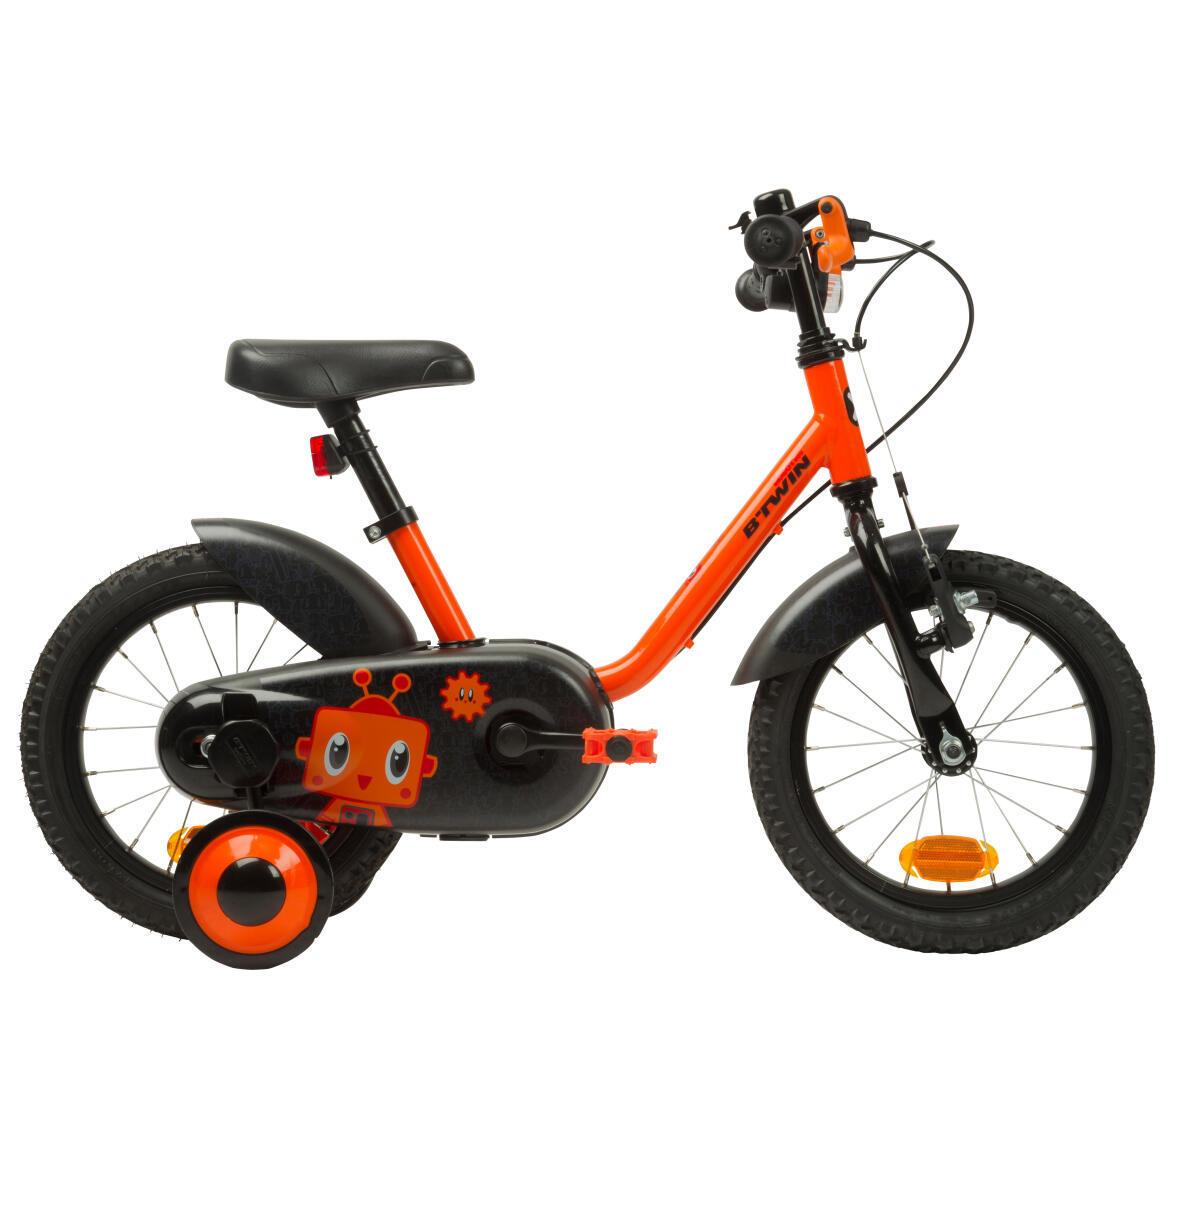 Fahrrad_14pouces_enfant_decathlon_btwin_ORANGE